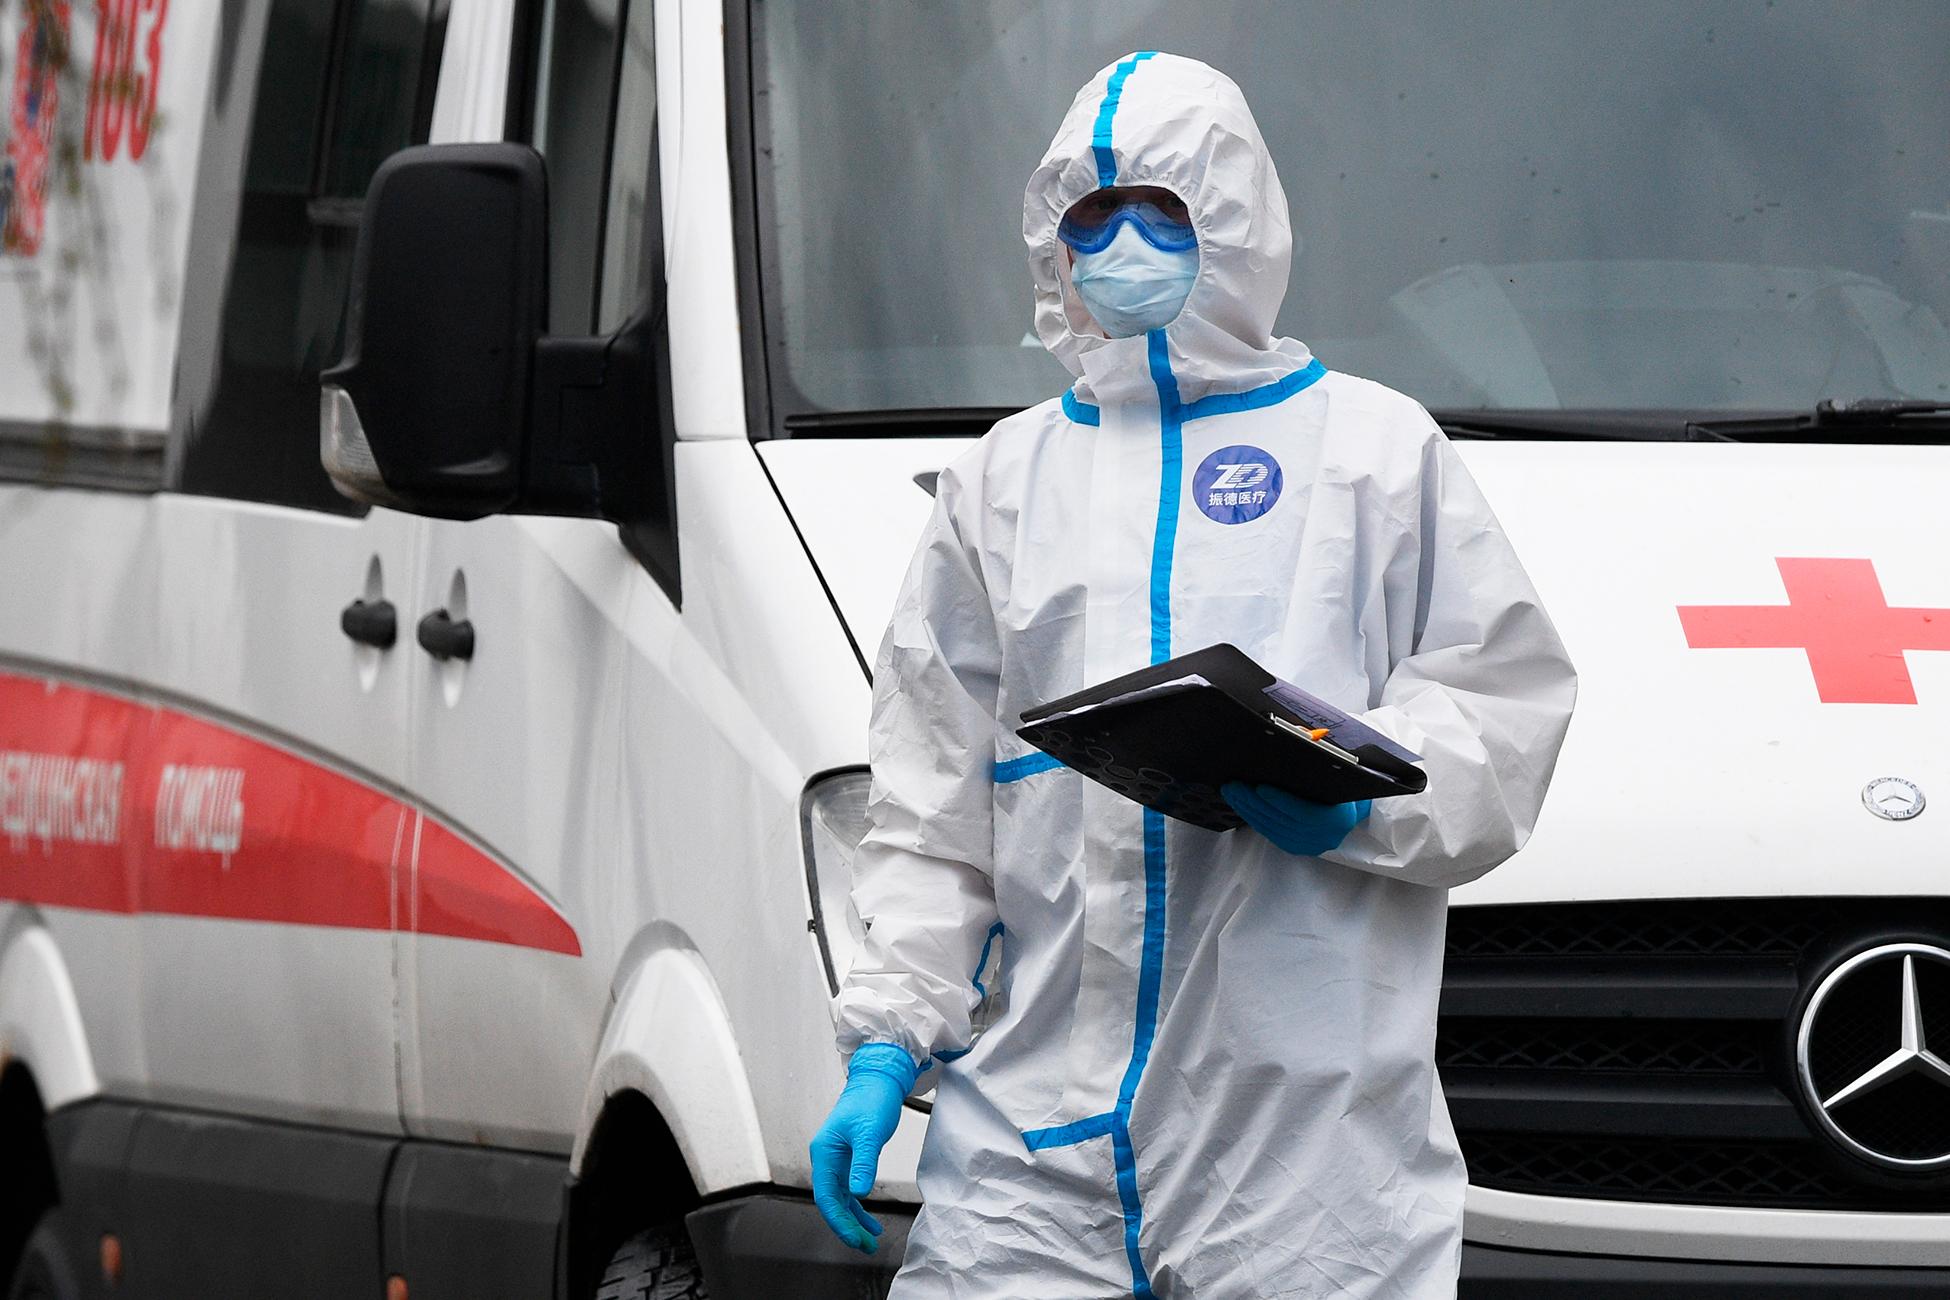 Впервые с августа суточный прирост зараженных COVID-19 в России превысил 20 тысяч